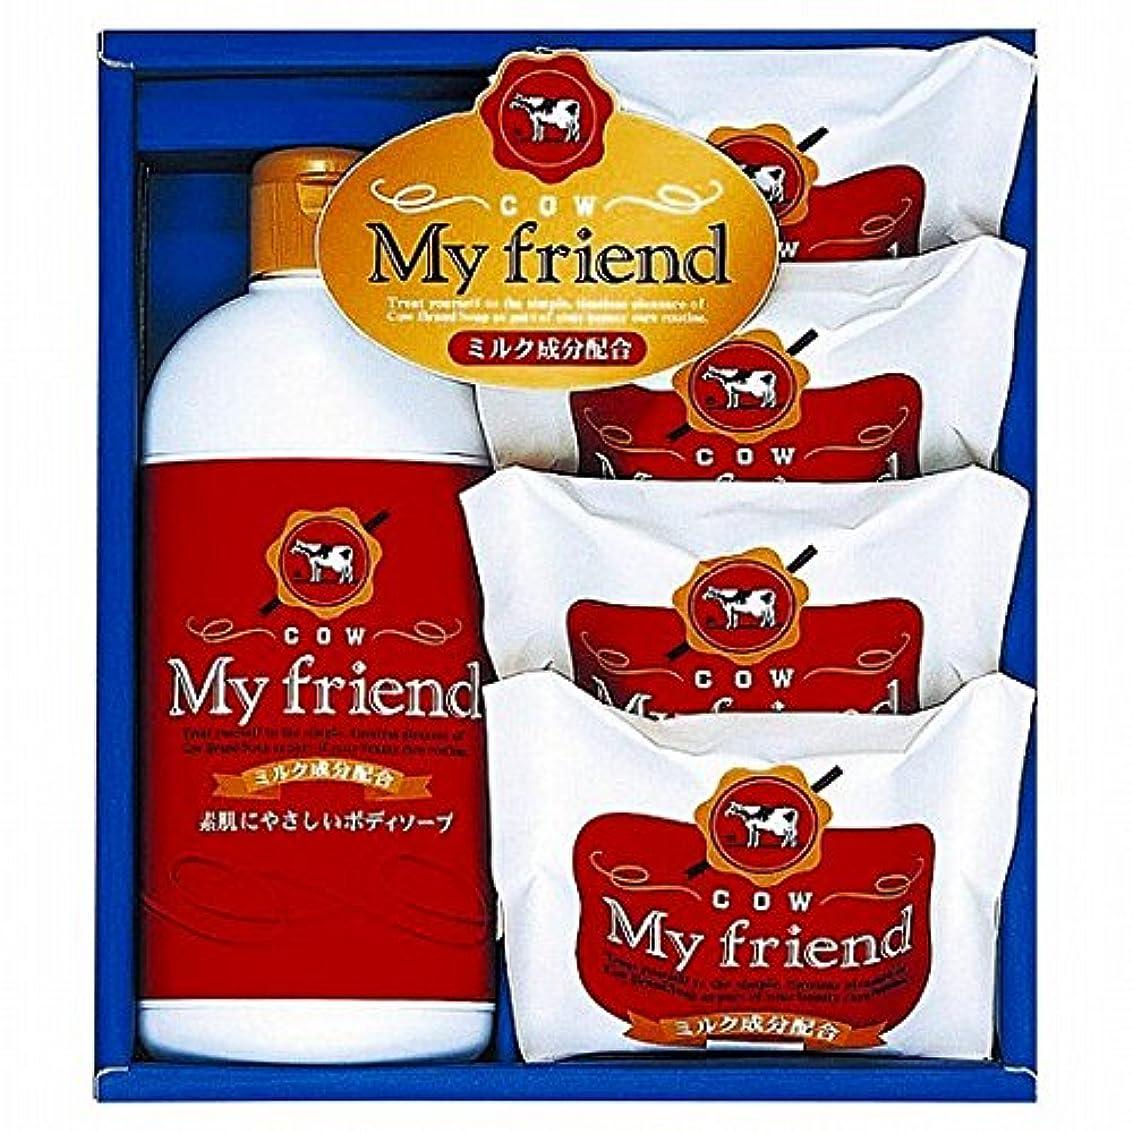 気配りのあるペックすみませんnobrand 牛乳石鹸 マイフレンドボディソープセット (21940007)